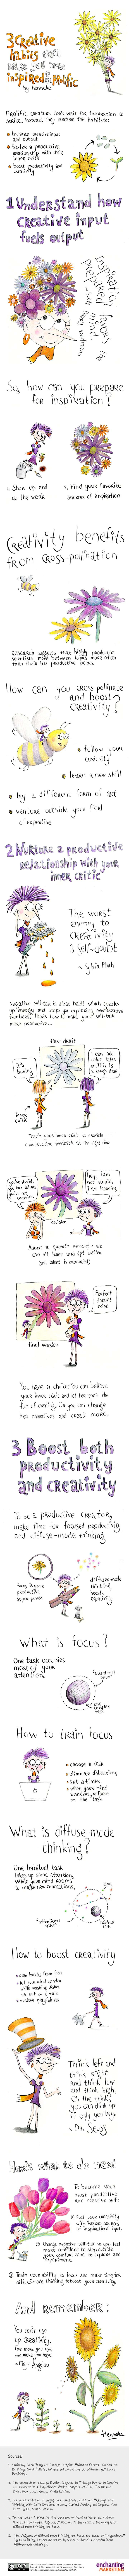 Infographic: Creativity Habits